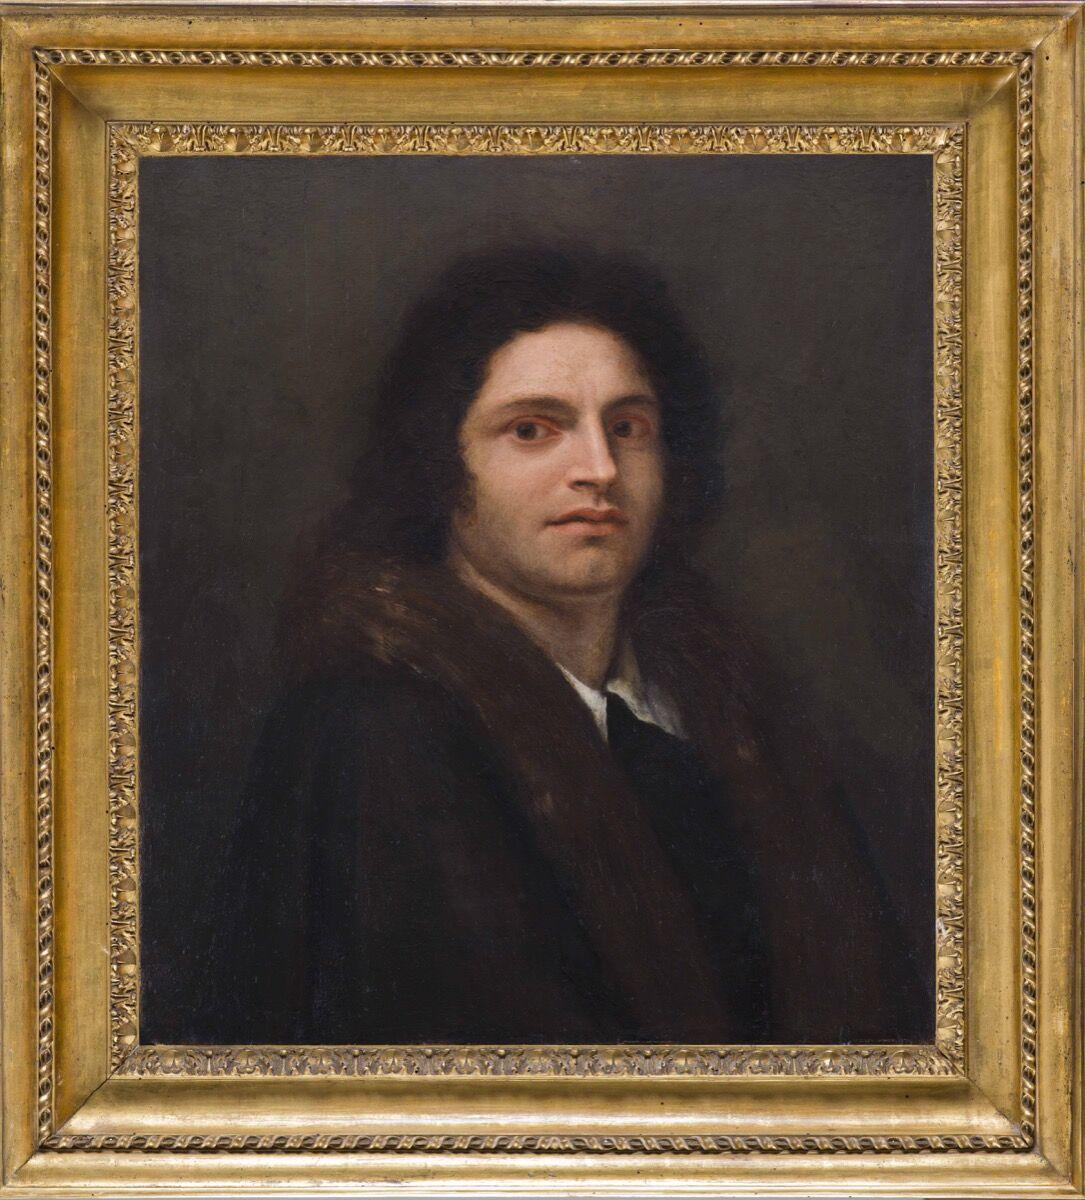 Antonio Canova, Self-Portrait of Giorgione, 1792. Courtesy of Antonacci Lapiccirella Fine Art.